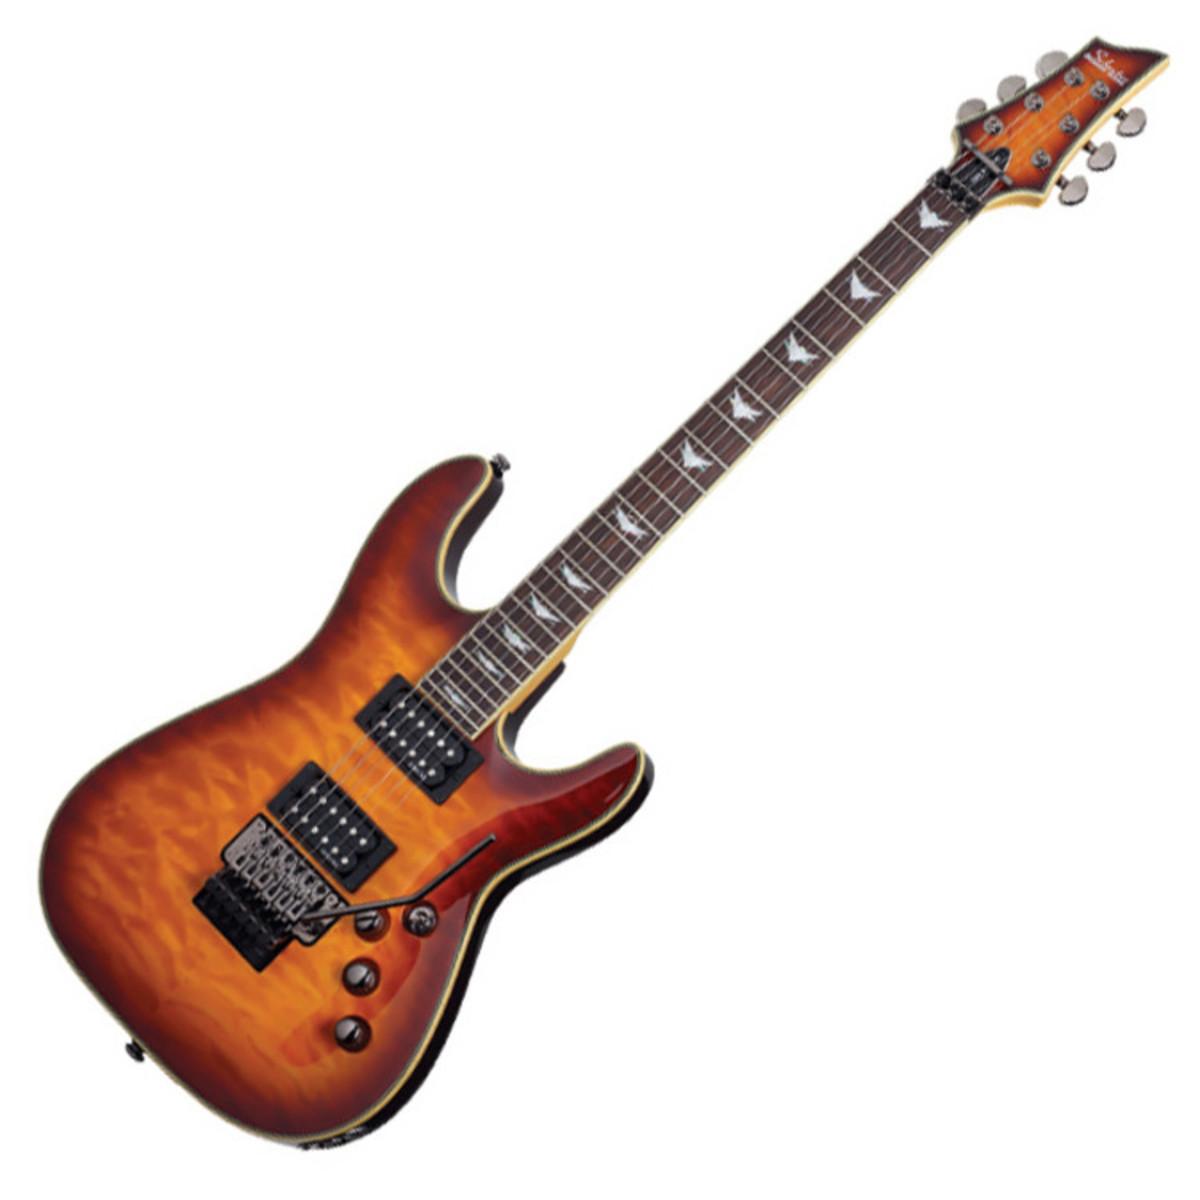 schecter omen extreme 6 fr electric guitar vintage sunburst at gear4music. Black Bedroom Furniture Sets. Home Design Ideas